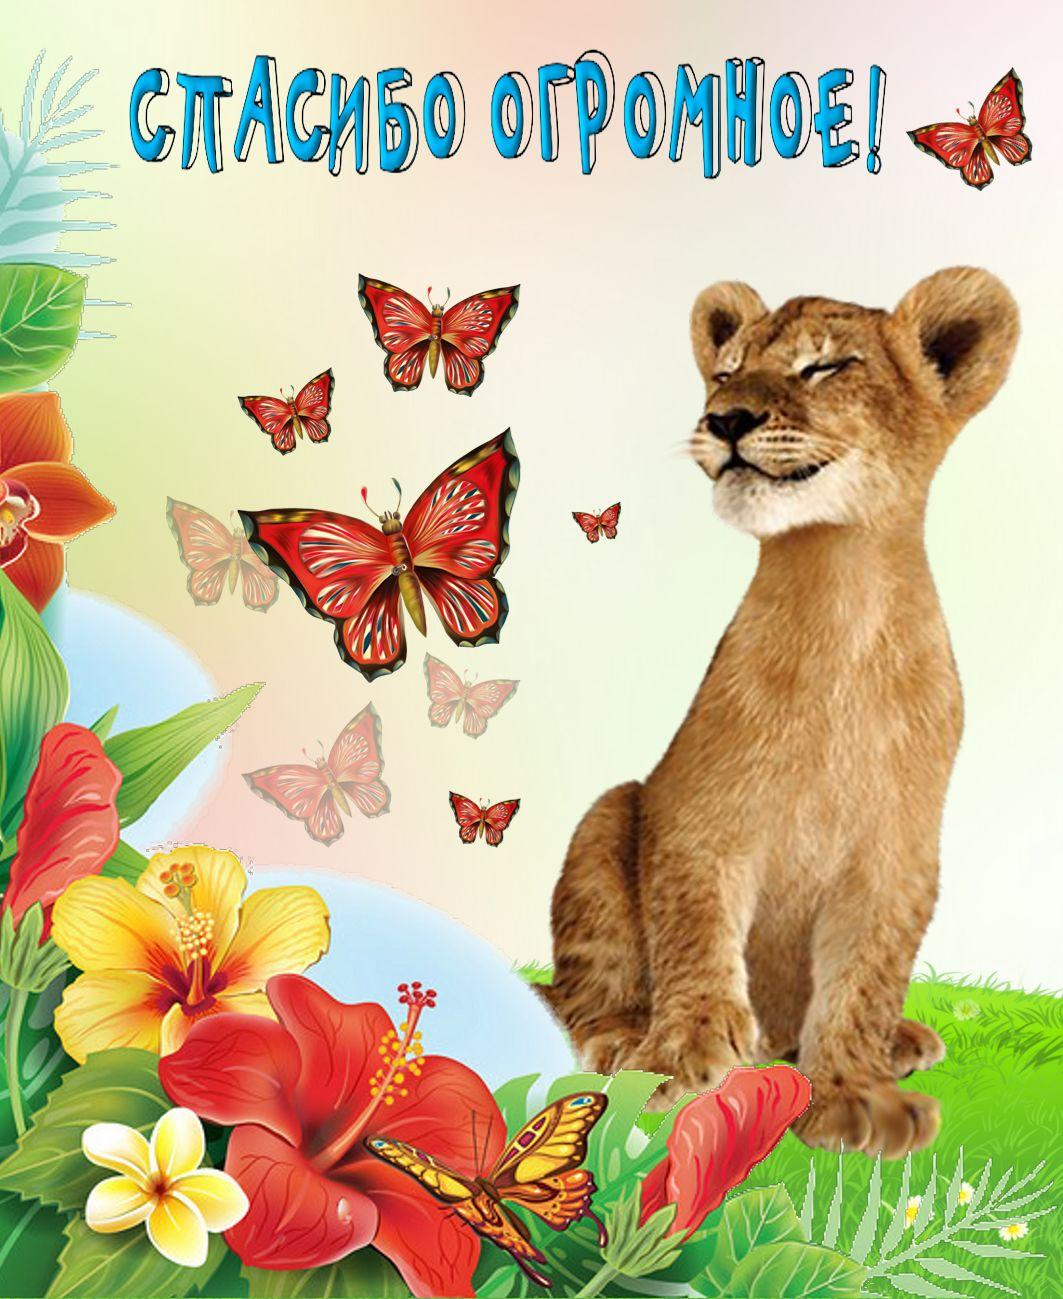 Февраля картинки, открытки с благодарением спасибо